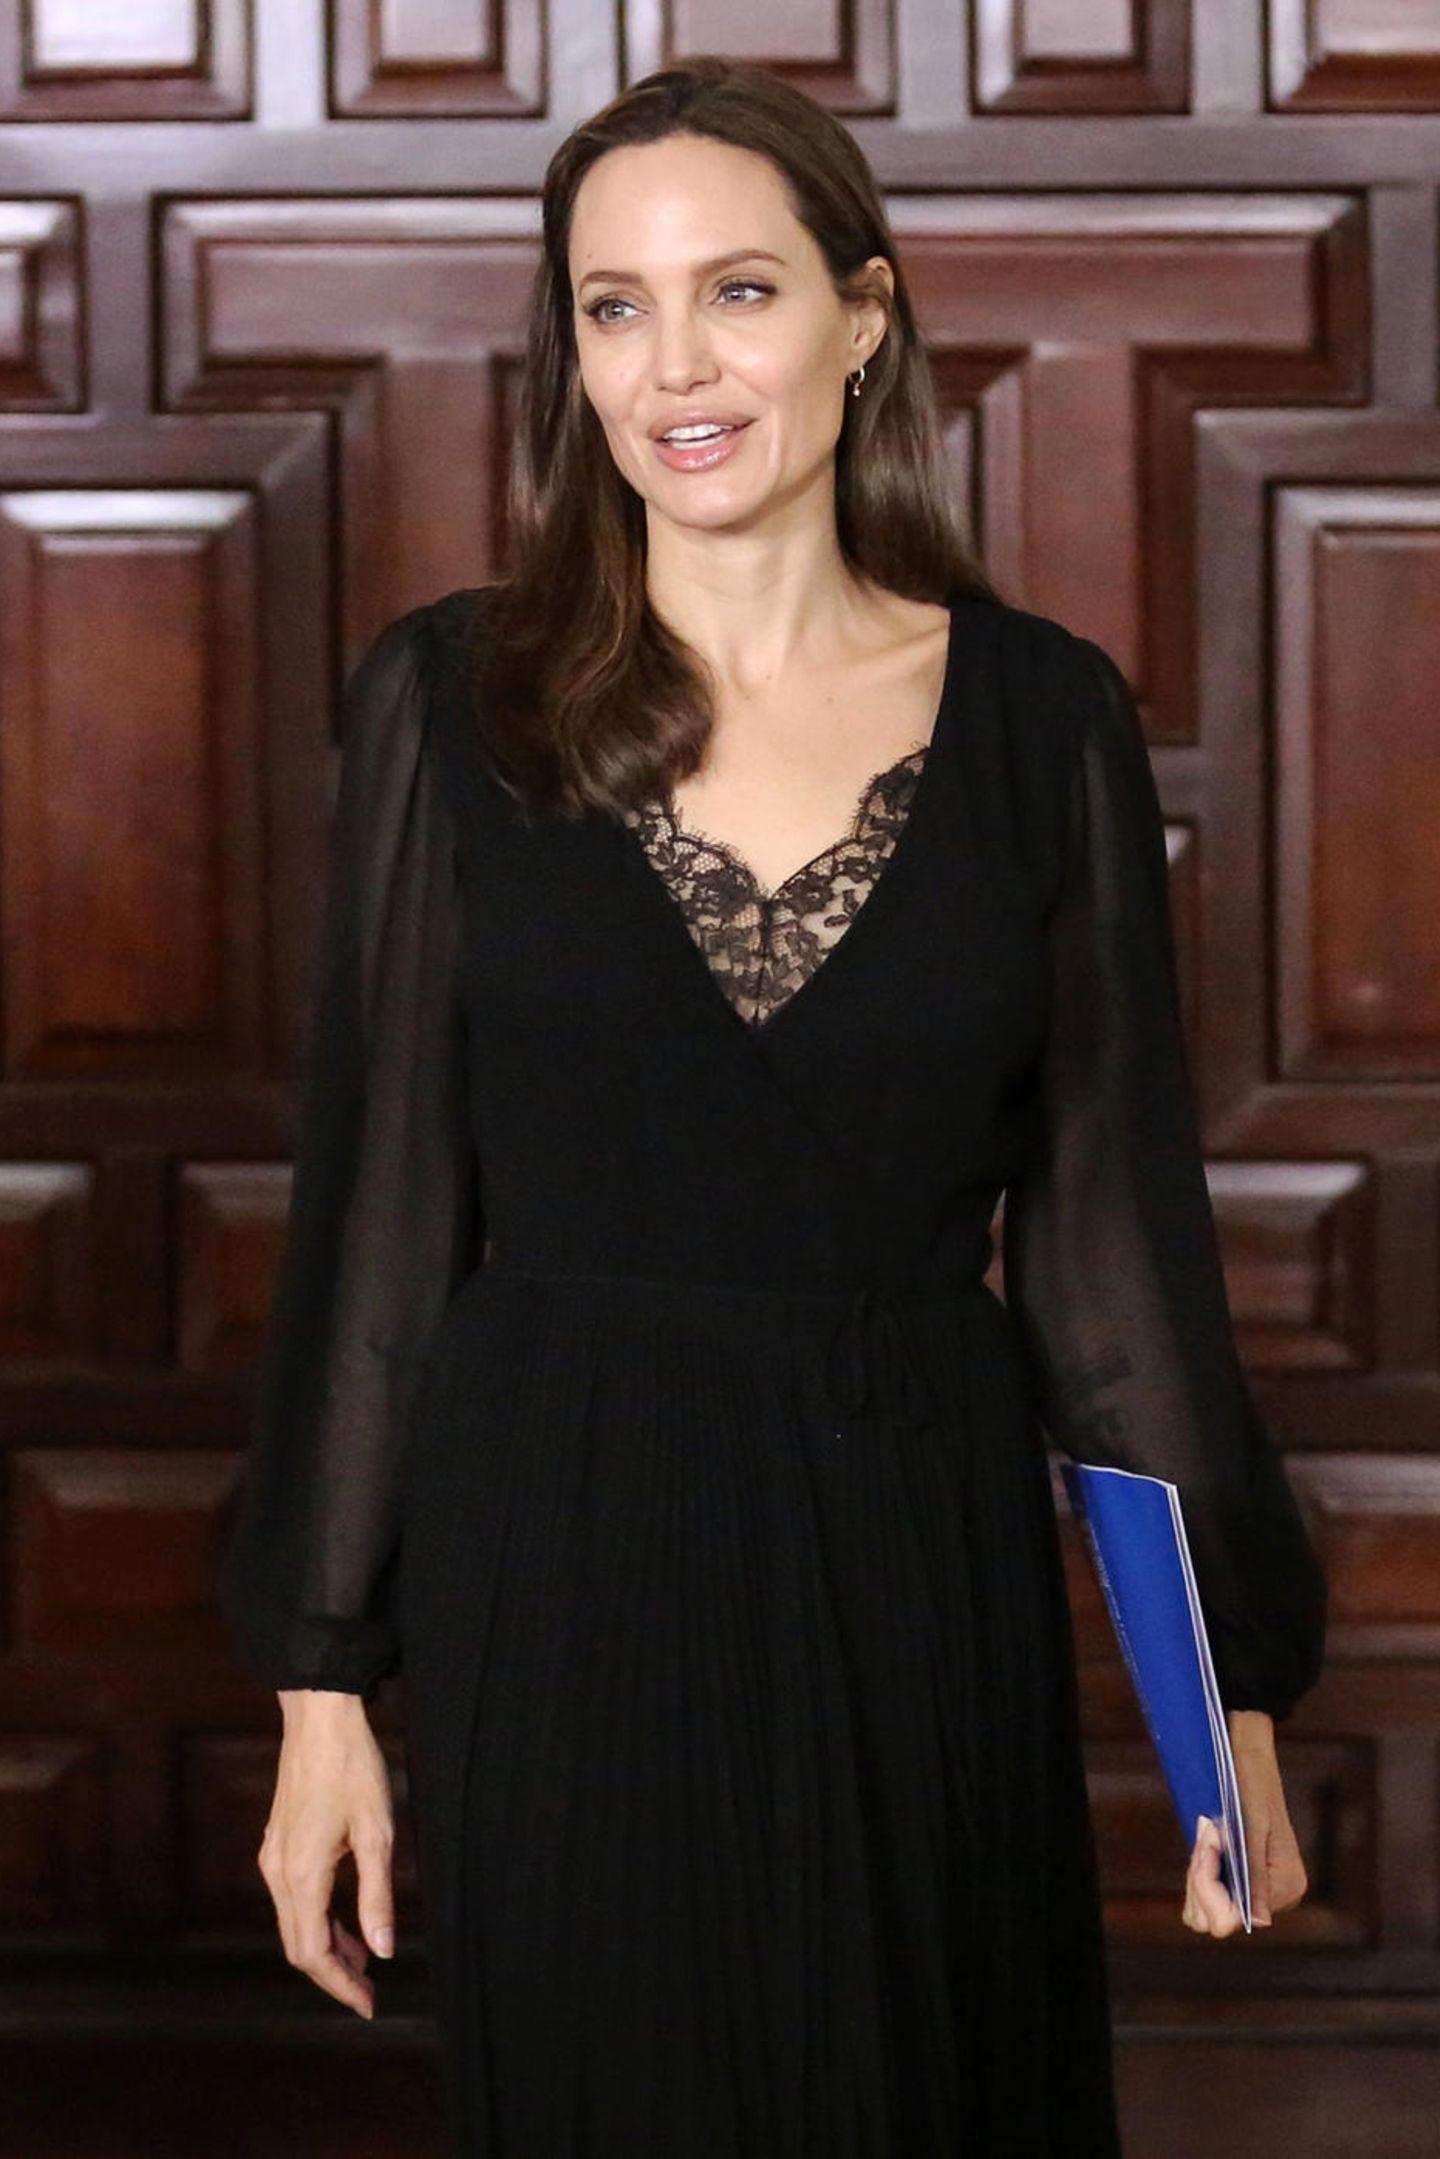 So raffiniert kann ein schwarzes Kleid sein: Angelina Jolies Modell verführt mit einem Spitzen-Einsatz im Dekollekté-Bereich, transparenten Ärmeln und einem Rock in feinen Plissees.